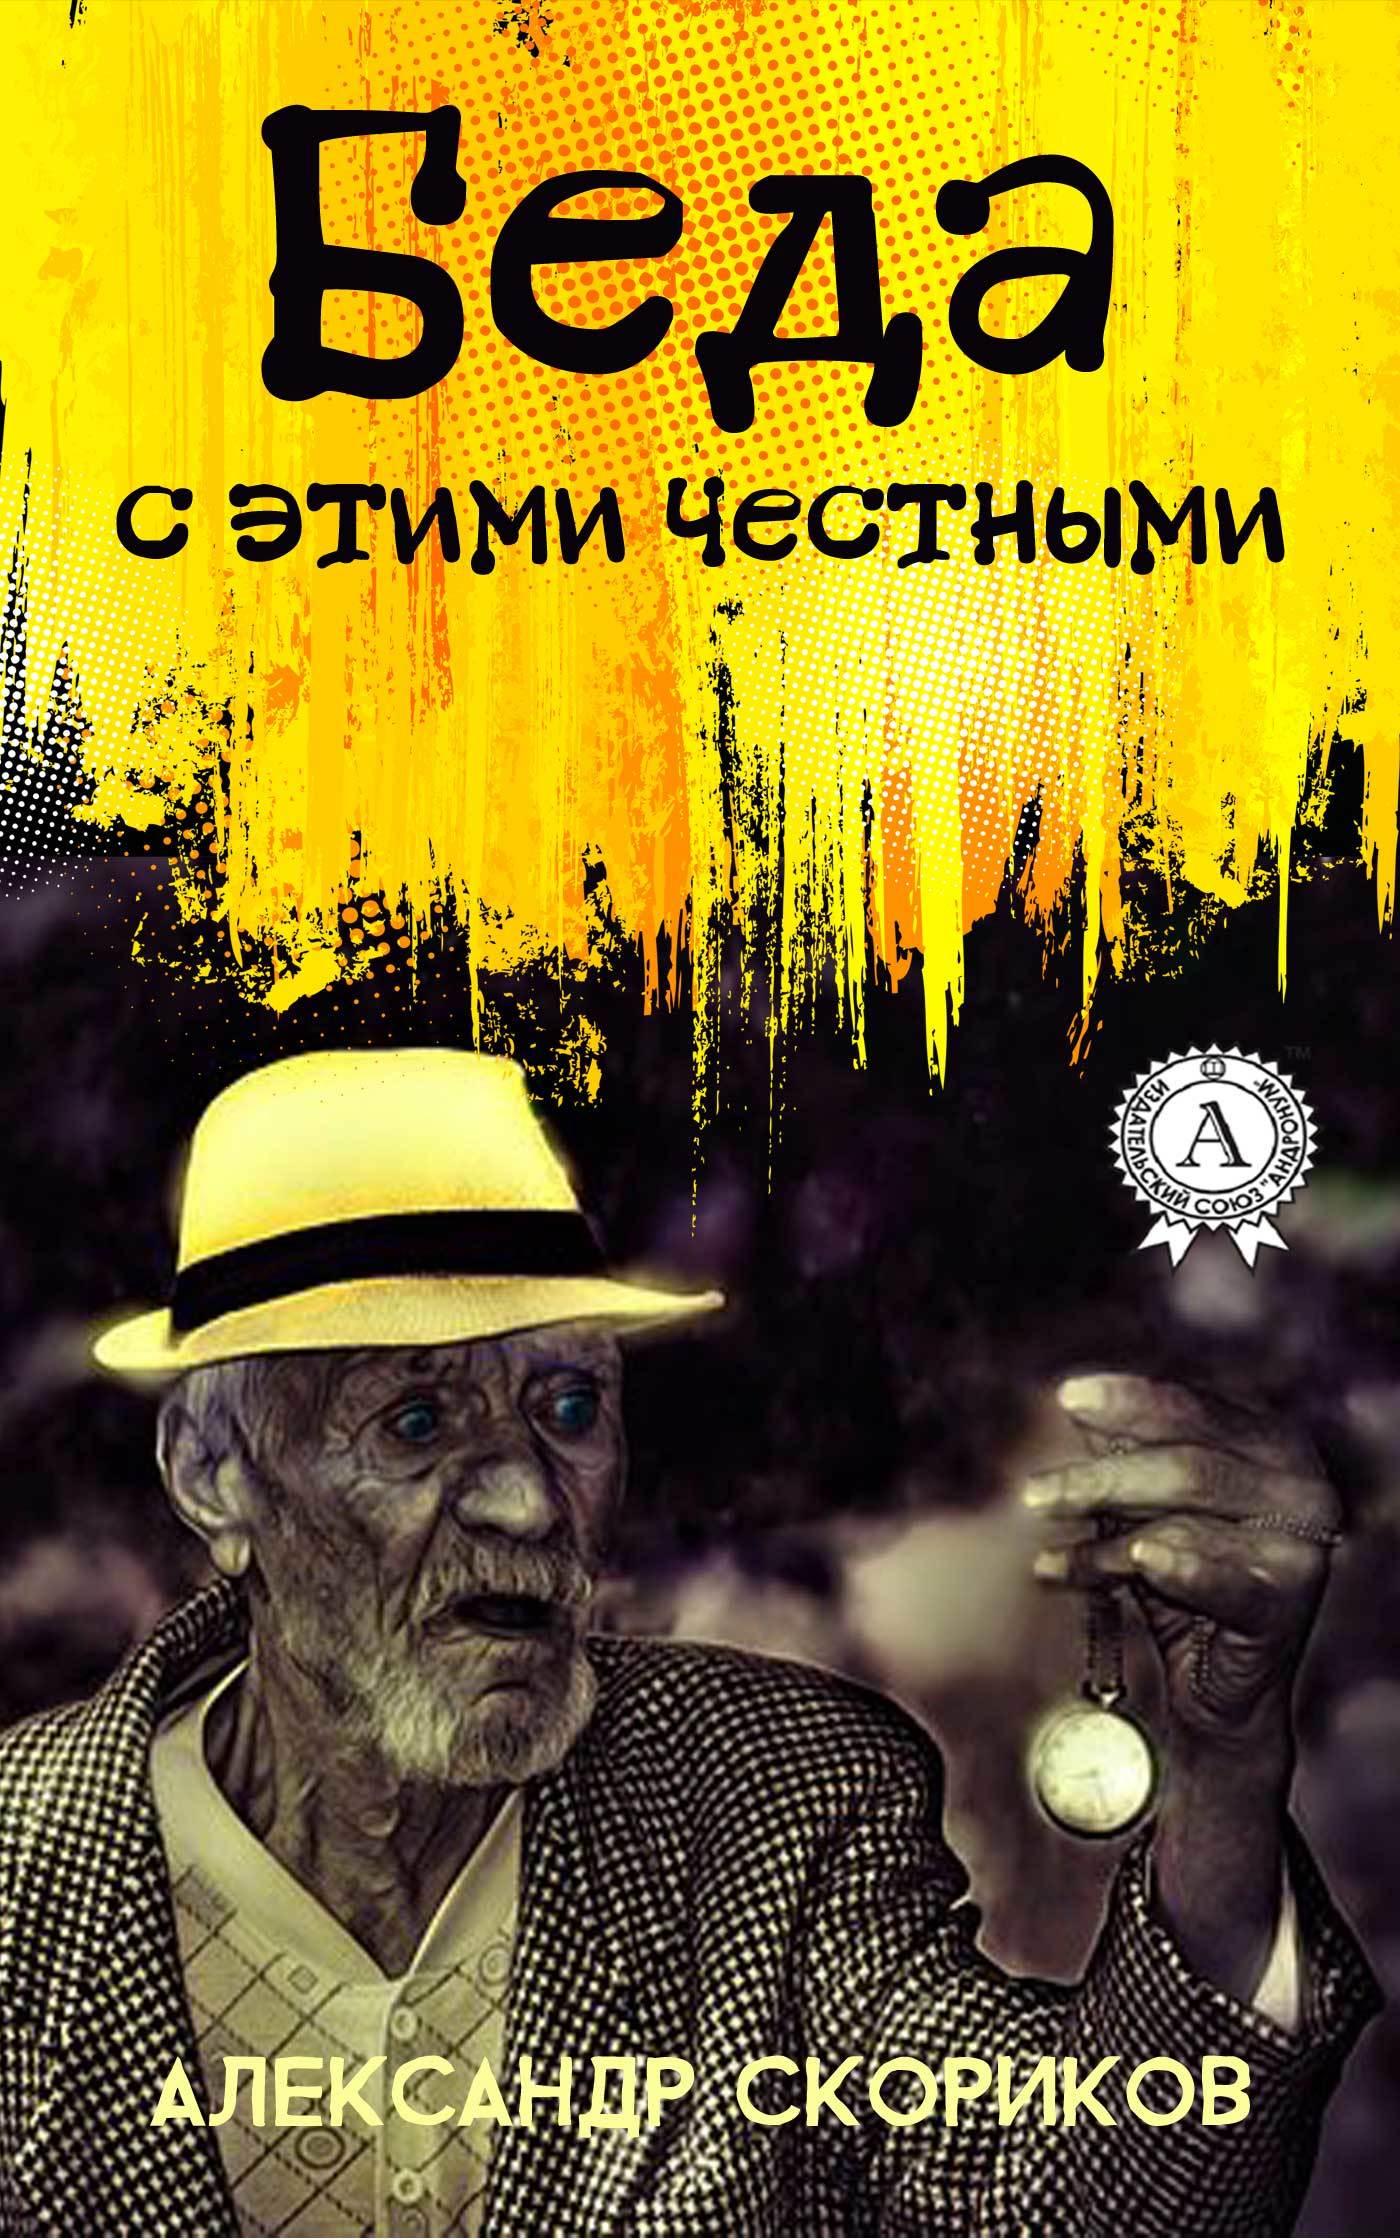 Александр Скориков. Беда с этими честными